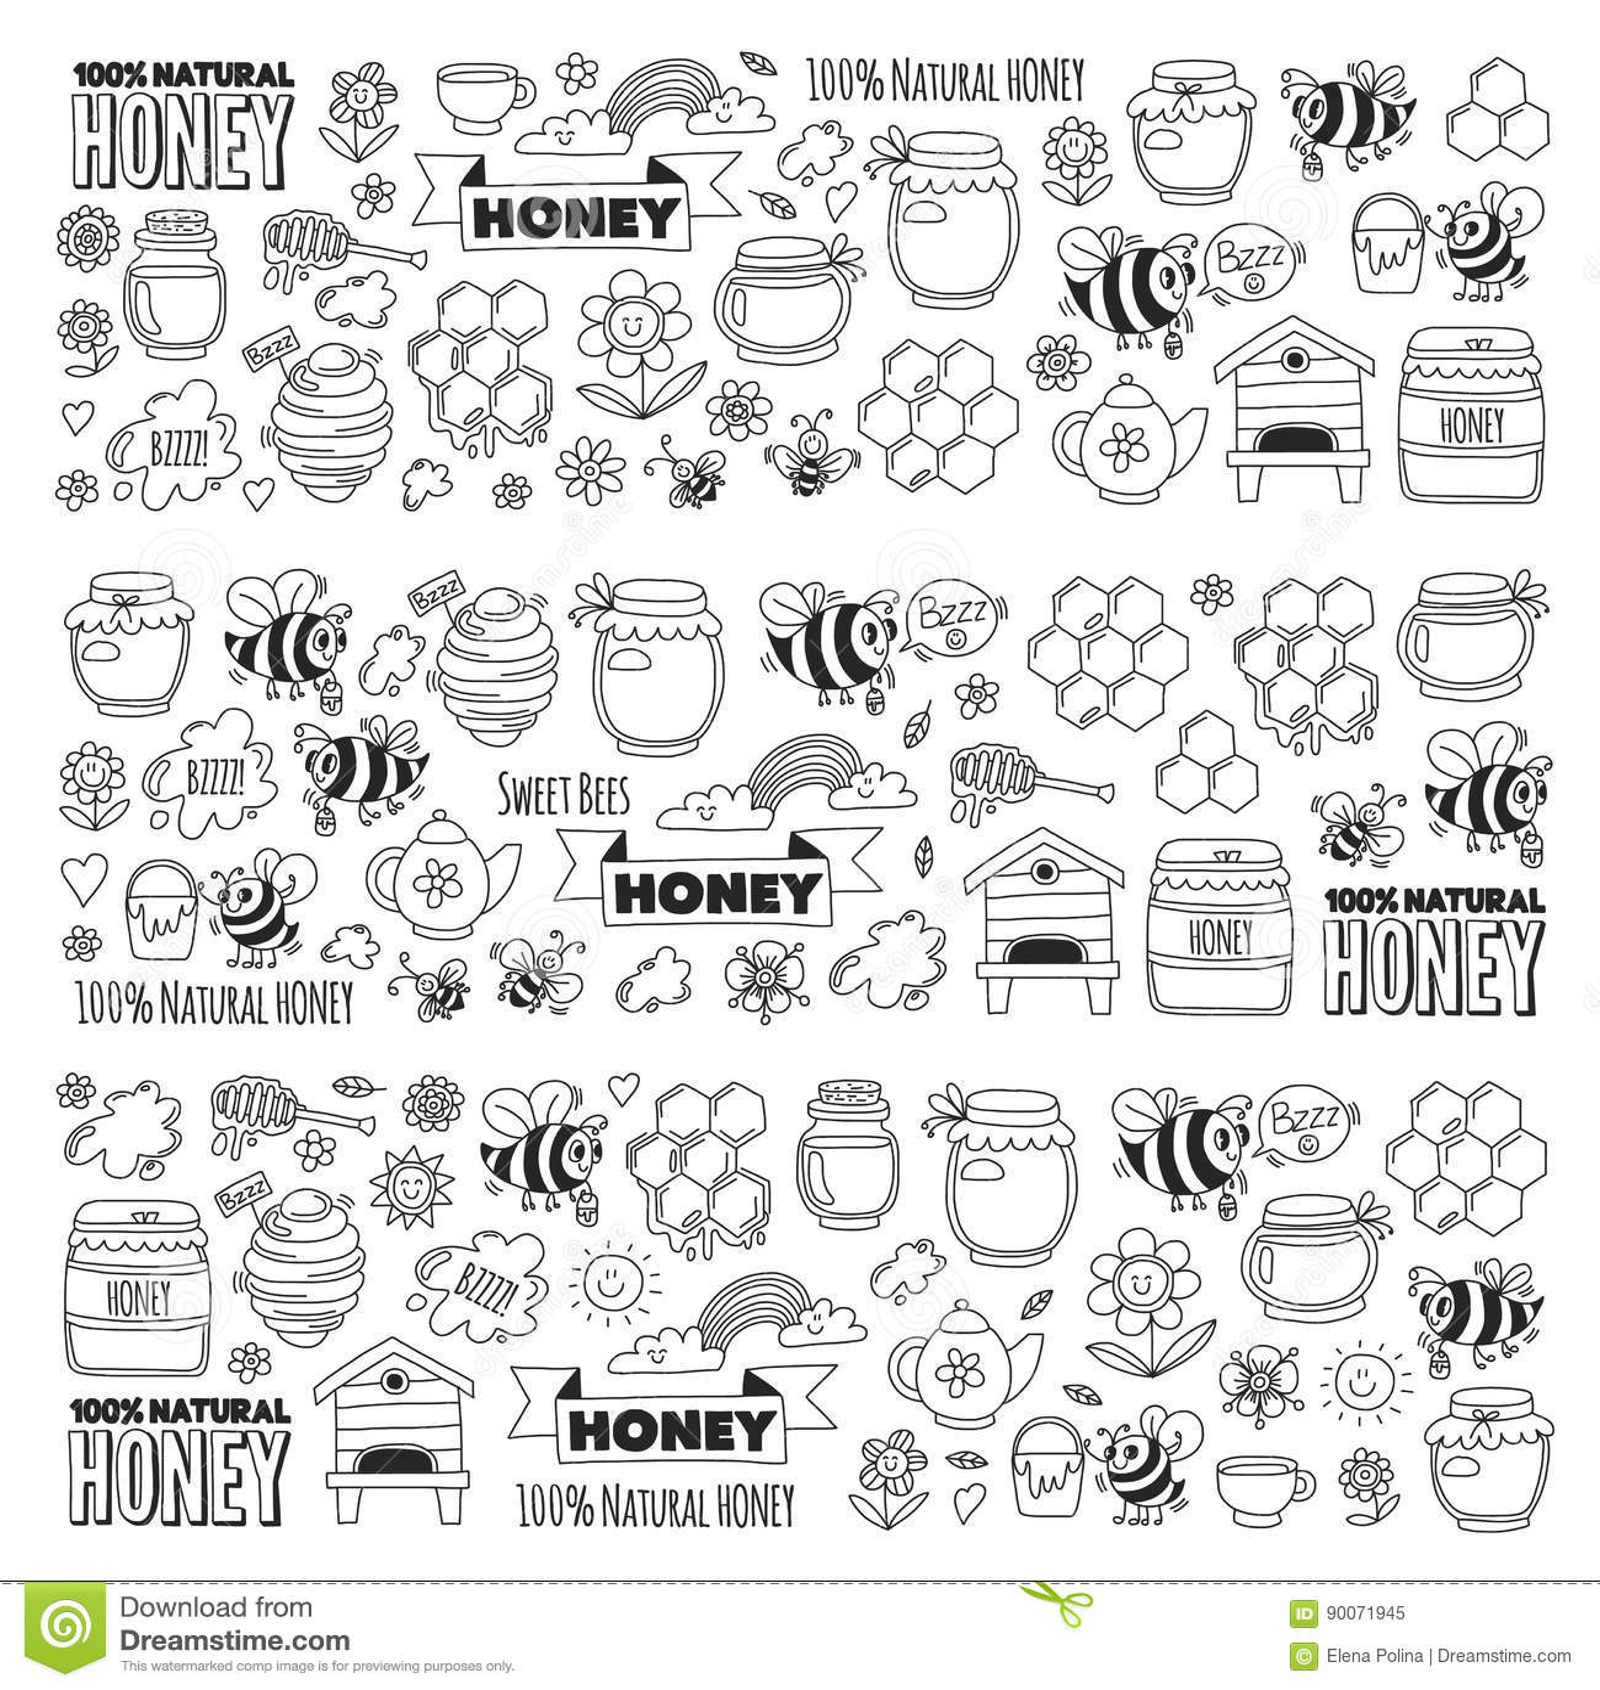 Mercado do mel, bazar, imagens justas da garatuja do mel das abelhas, flores, frascos, favo de mel, colmeia, ponto, o barril com